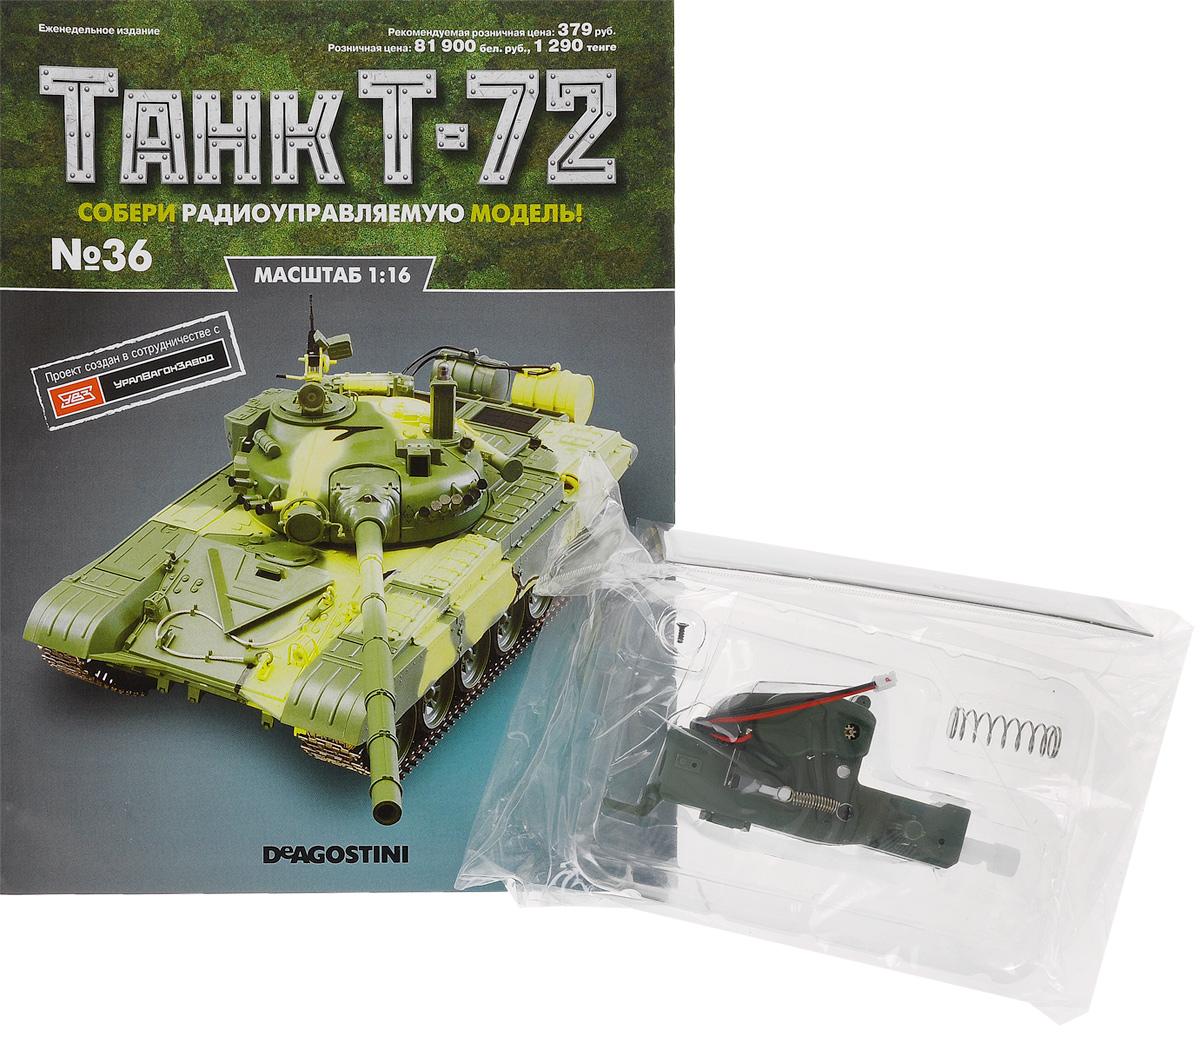 Журнал Танк Т-72 №36TANK036Перед вами - журнал из уникальной серии партворков Танк Т-72 с увлекательной информацией о легендарных боевых машинах и элементами для сборки копии танка Т-72 в уменьшенном варианте 1:16. У вас есть возможность собственноручно создать высококачественную модель этого знаменитого танка с достоверным воспроизведением всех элементов, сохранением функций подлинной боевой машины и дистанционным управлением. В комплект с номером входят детали механизма, имитирующего отказ основного орудия при стрельбе. Категория 16+.